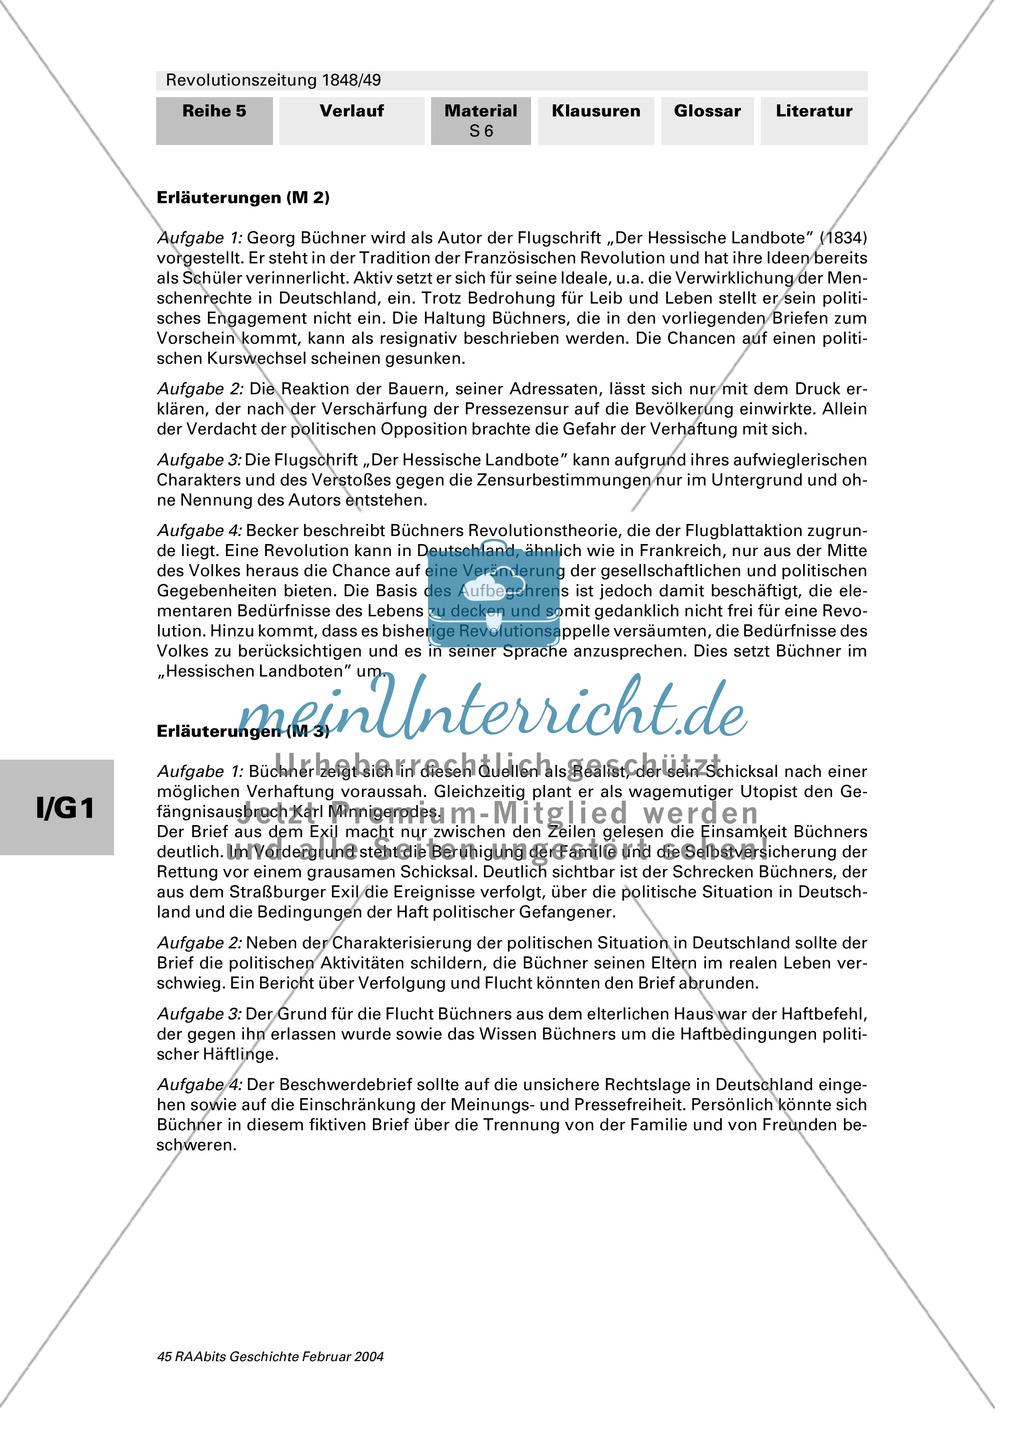 """Revolutionszeitung 1848/49 erstellen: Steckbrief Georg Büchner + Quellen zum Leben von Georg Büchner + Georg Büchner: """"Der Hessische Landbote"""" Preview 5"""